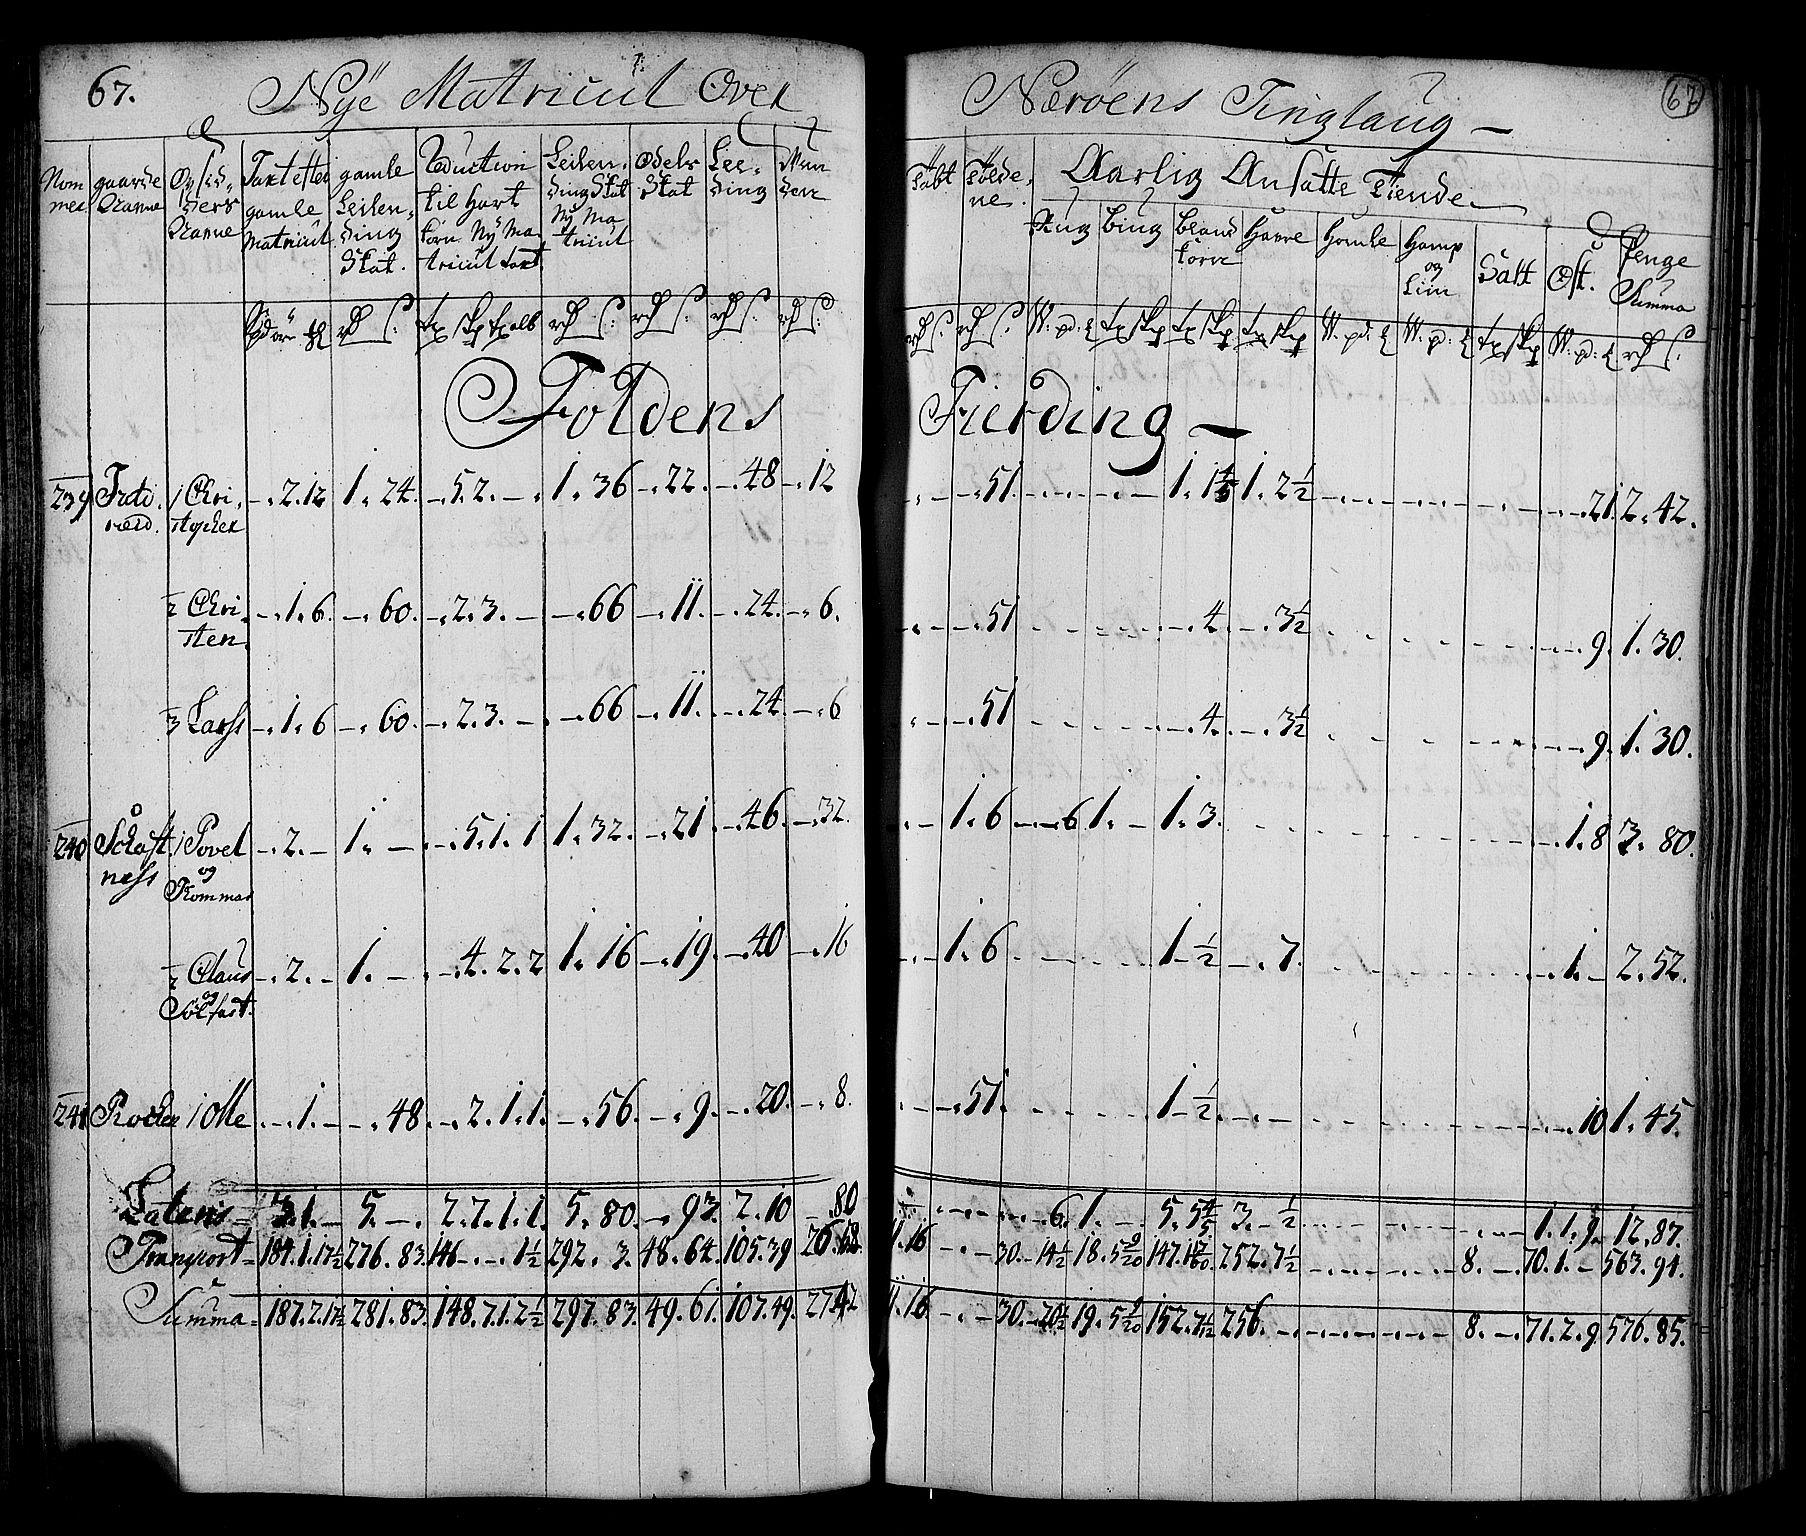 RA, Rentekammeret inntil 1814, Realistisk ordnet avdeling, N/Nb/Nbf/L0169: Namdalen matrikkelprotokoll, 1723, s. 66b-67a